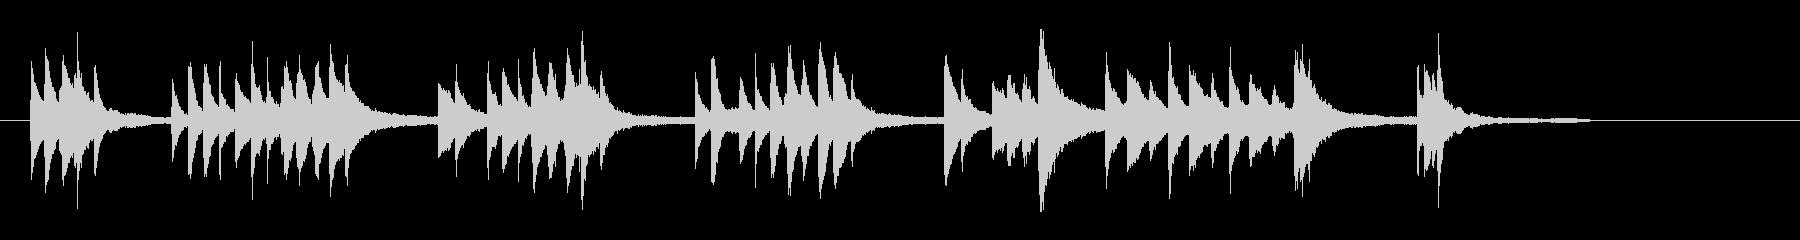 転換 夜 安らぎ リラックス ピアノソロの未再生の波形